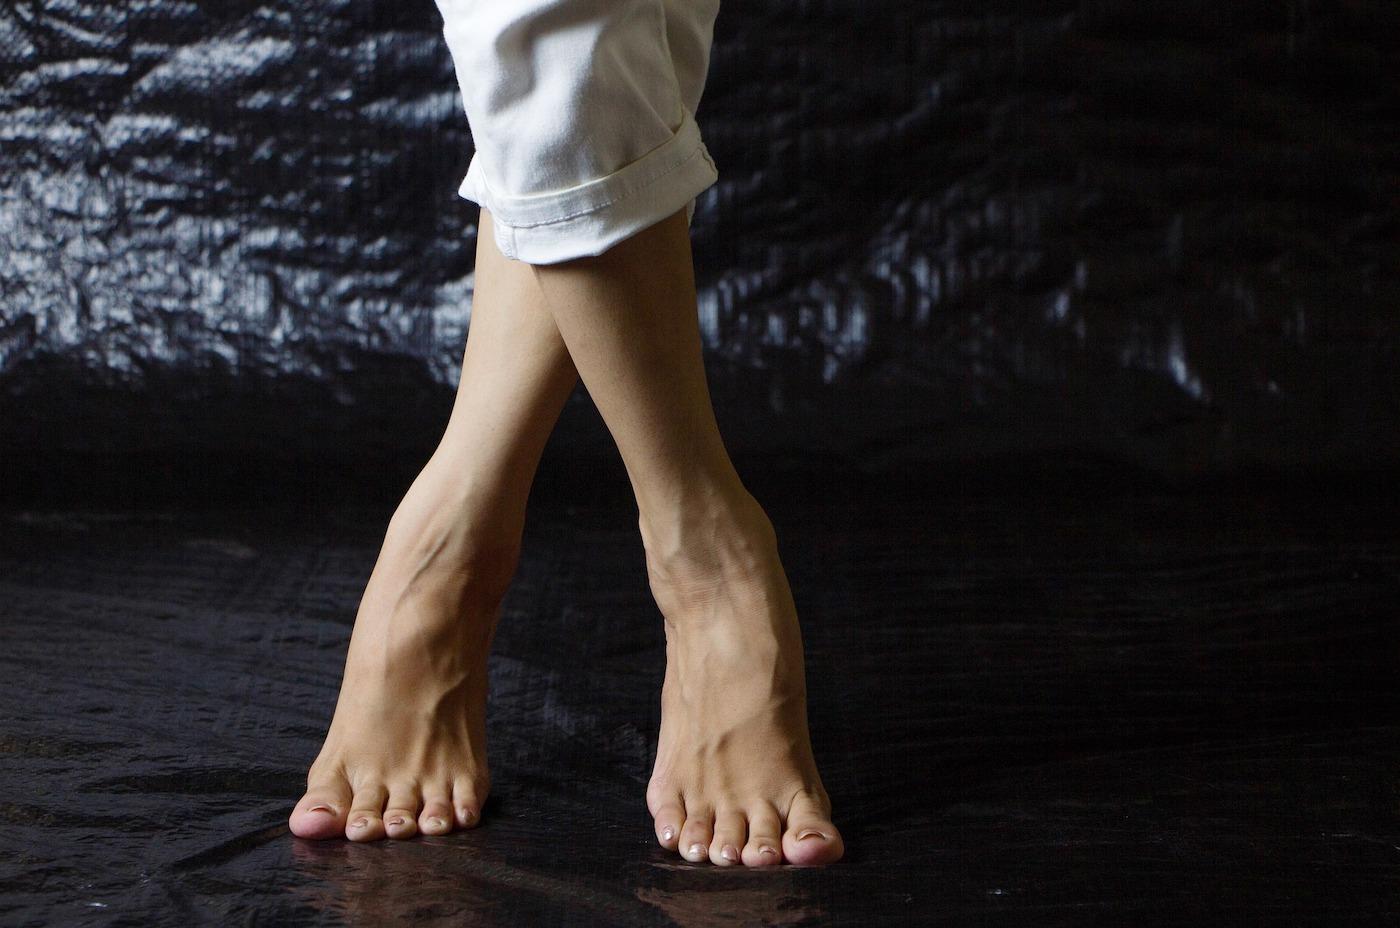 Dolori ai piedi? Impariamo ad autotrattarci